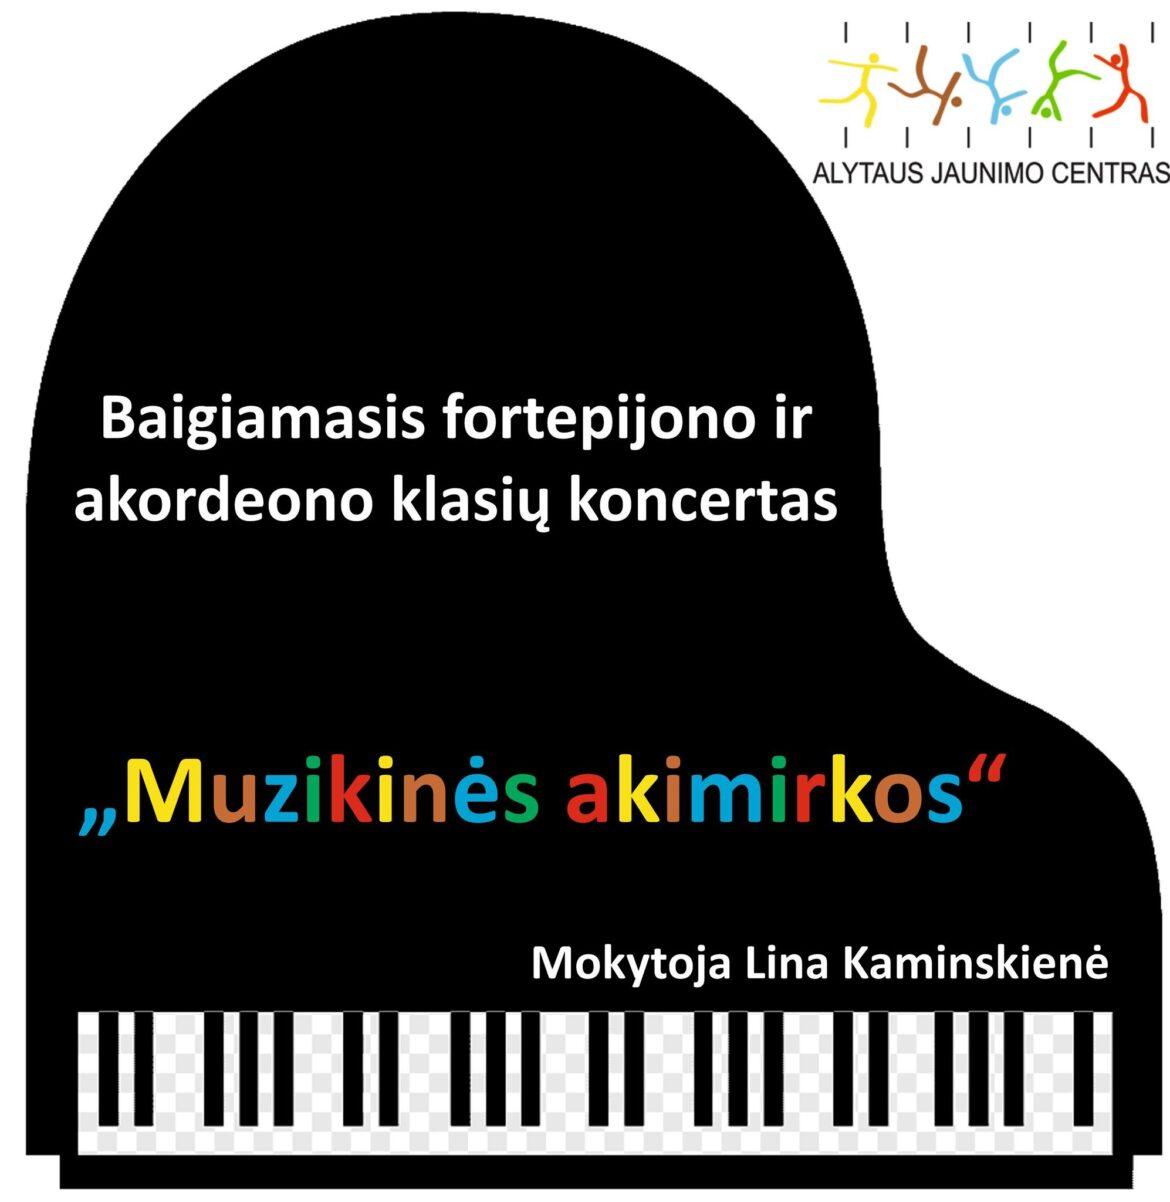 Baigiamasis fortepijono ir akordeono klasių koncertas